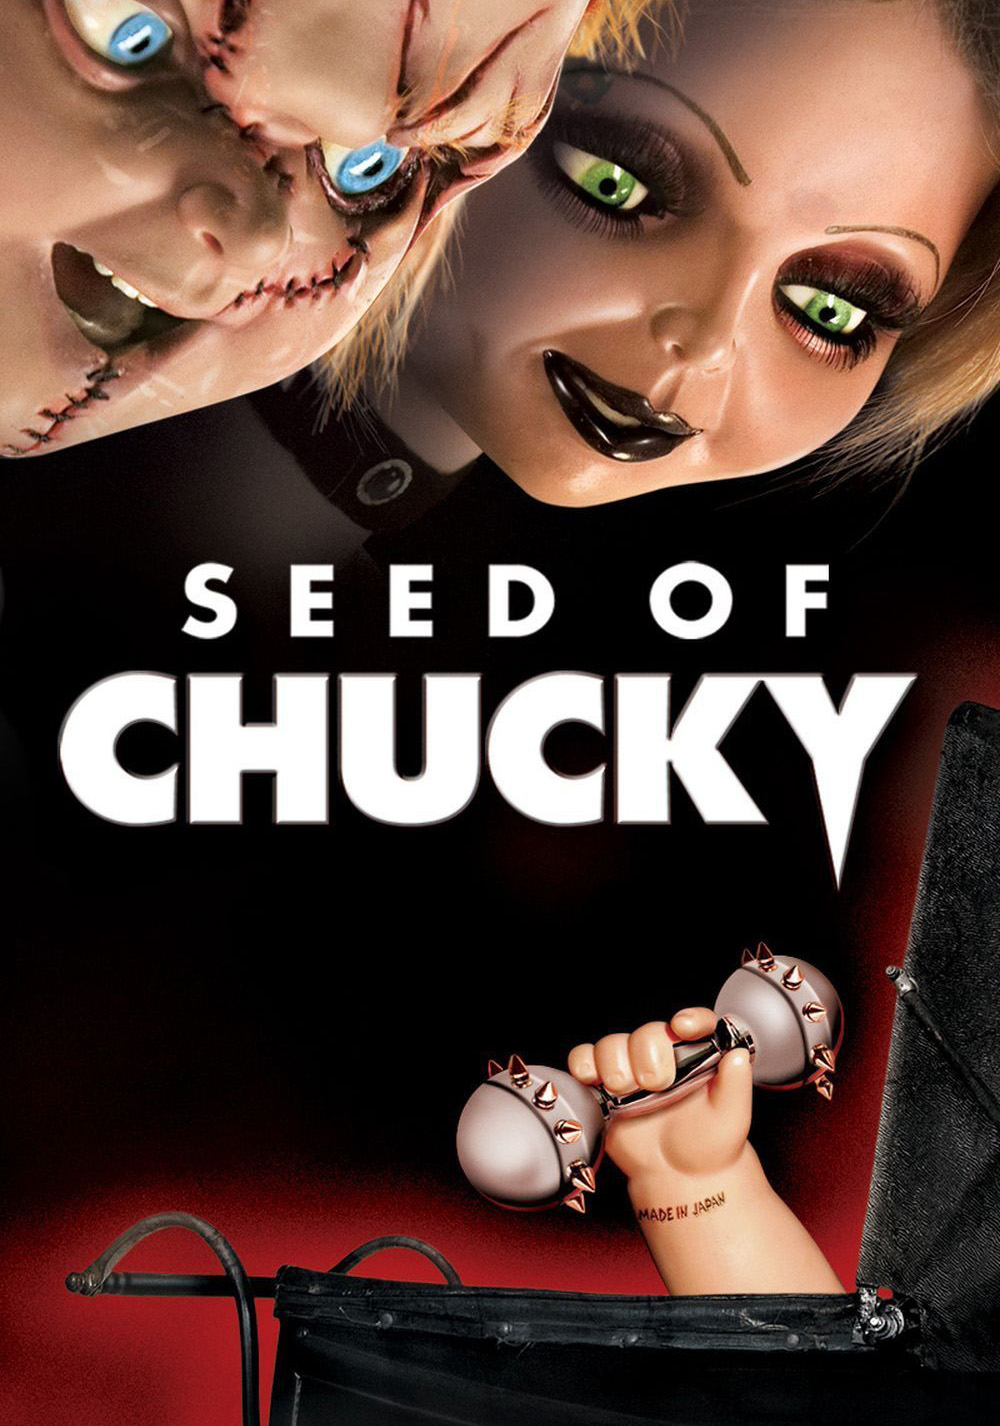 Cult of Chucky - IMDb